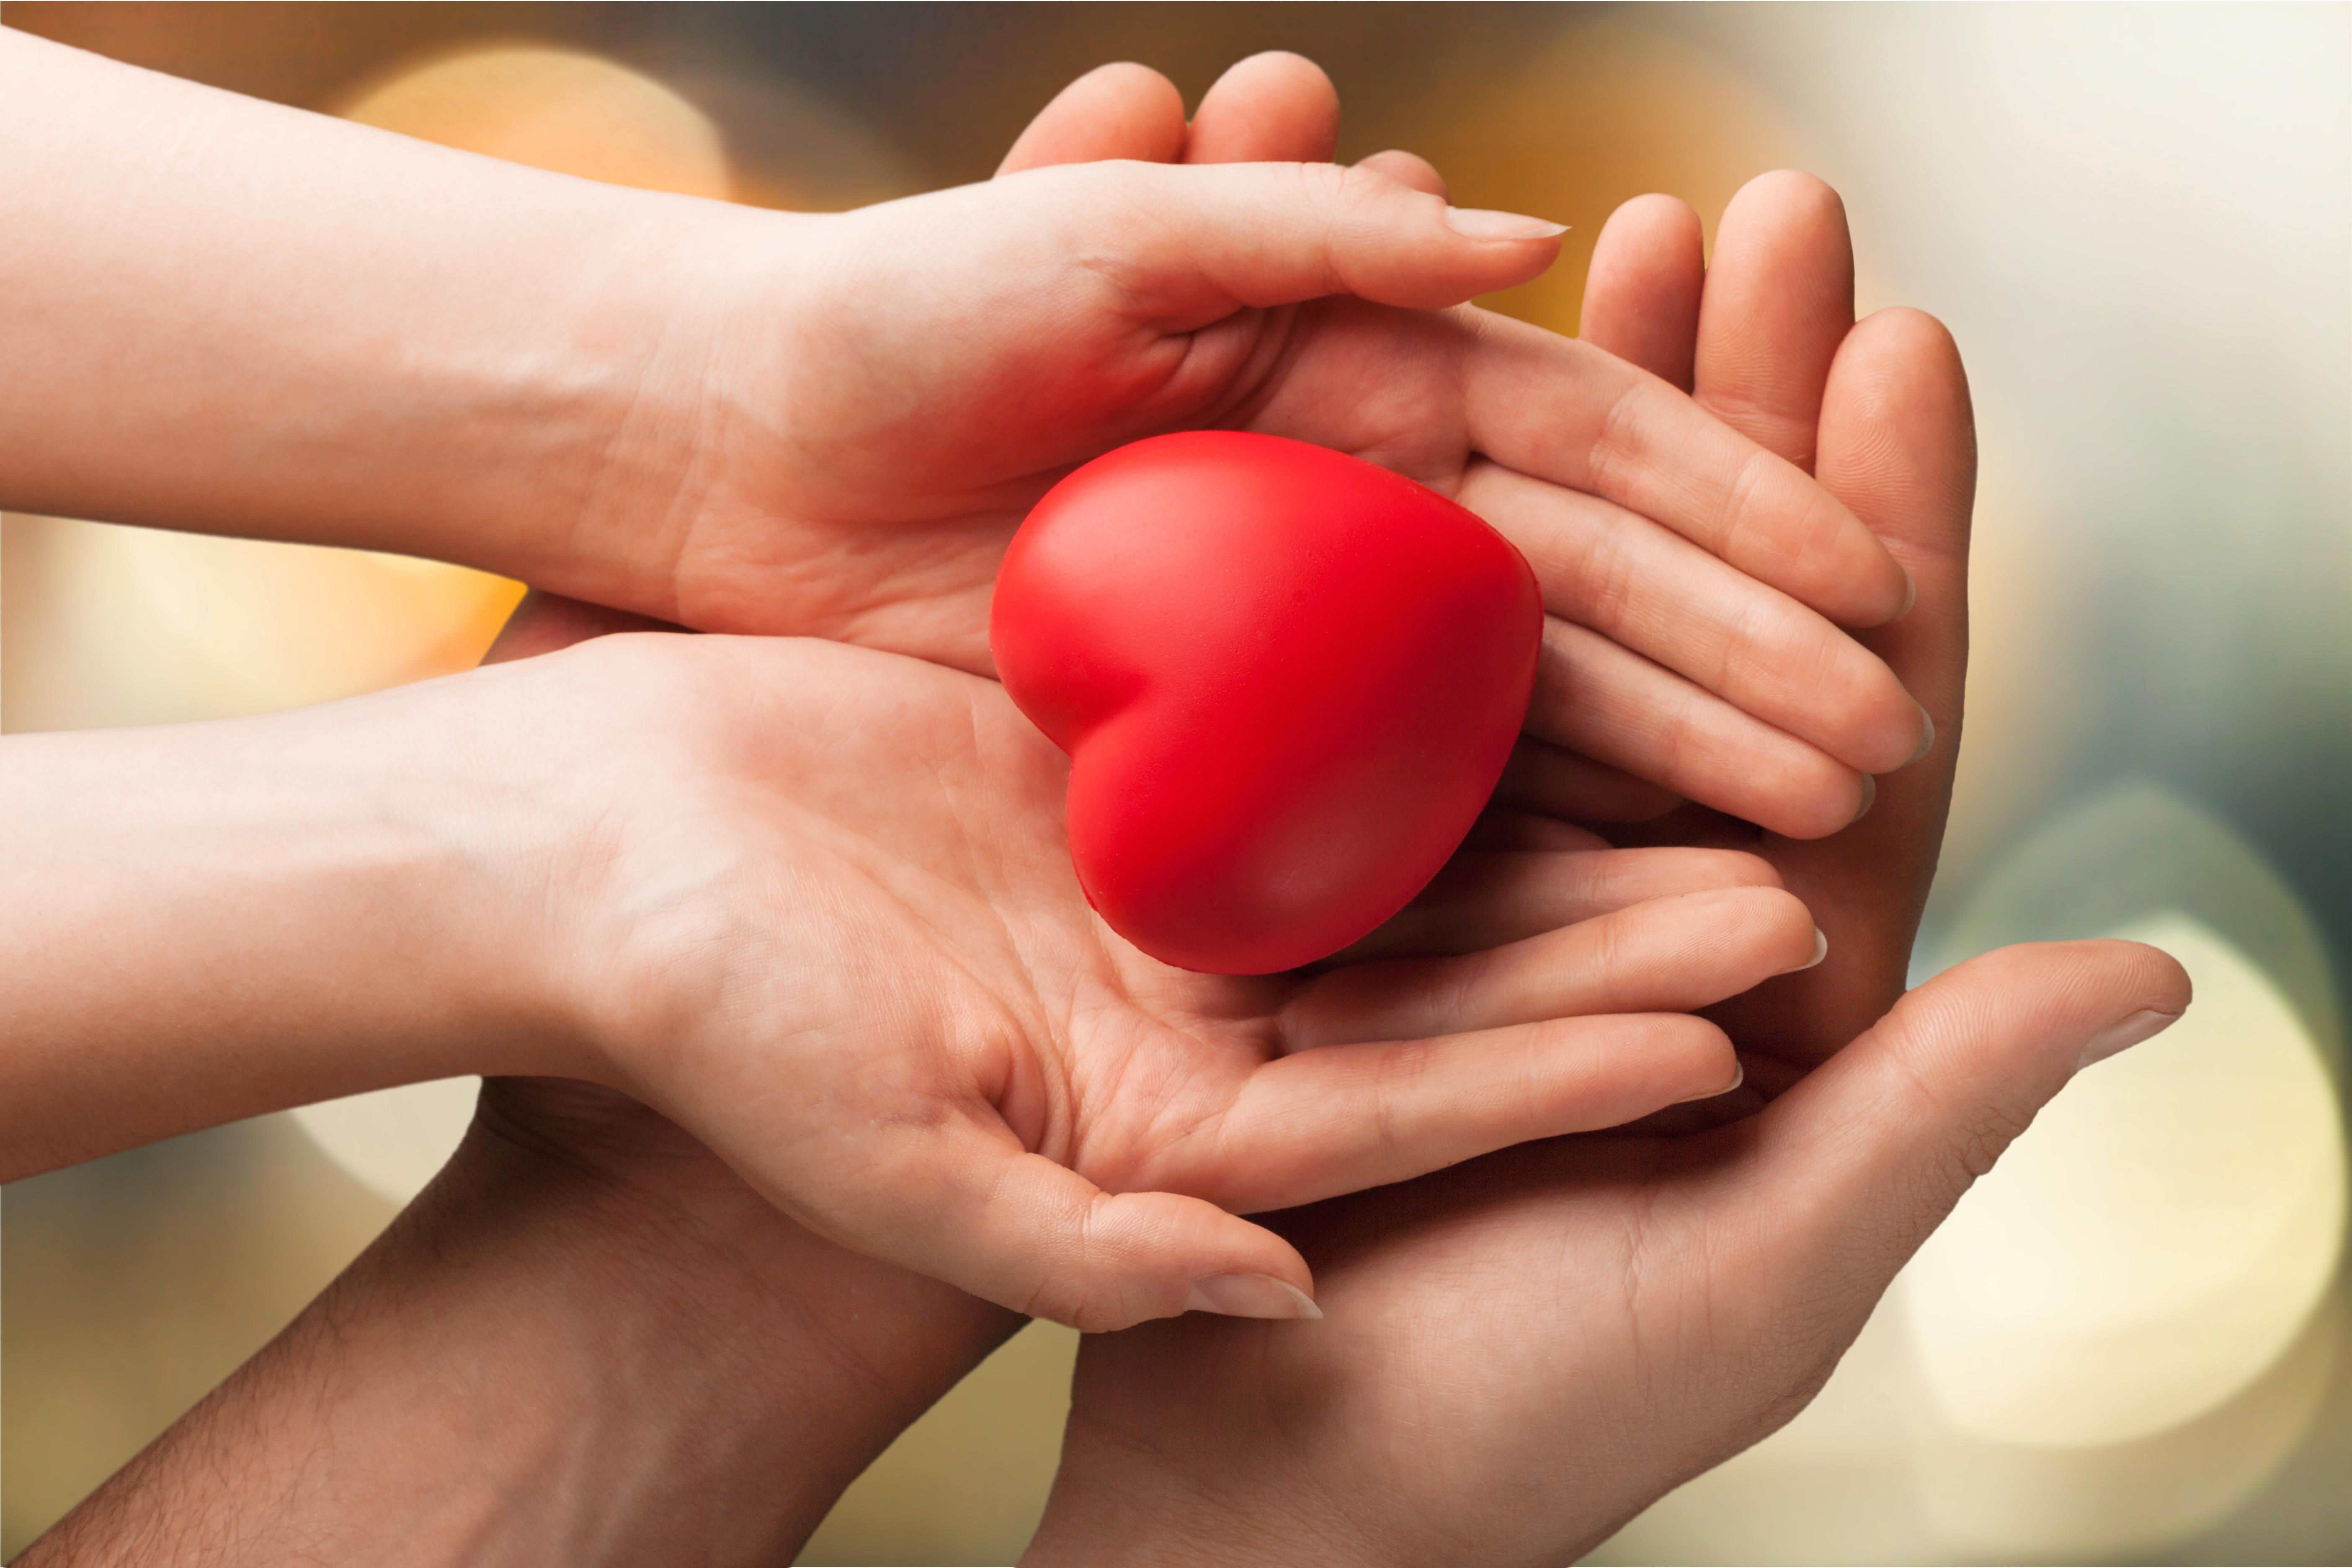 Ways to Keep Heart Healthy